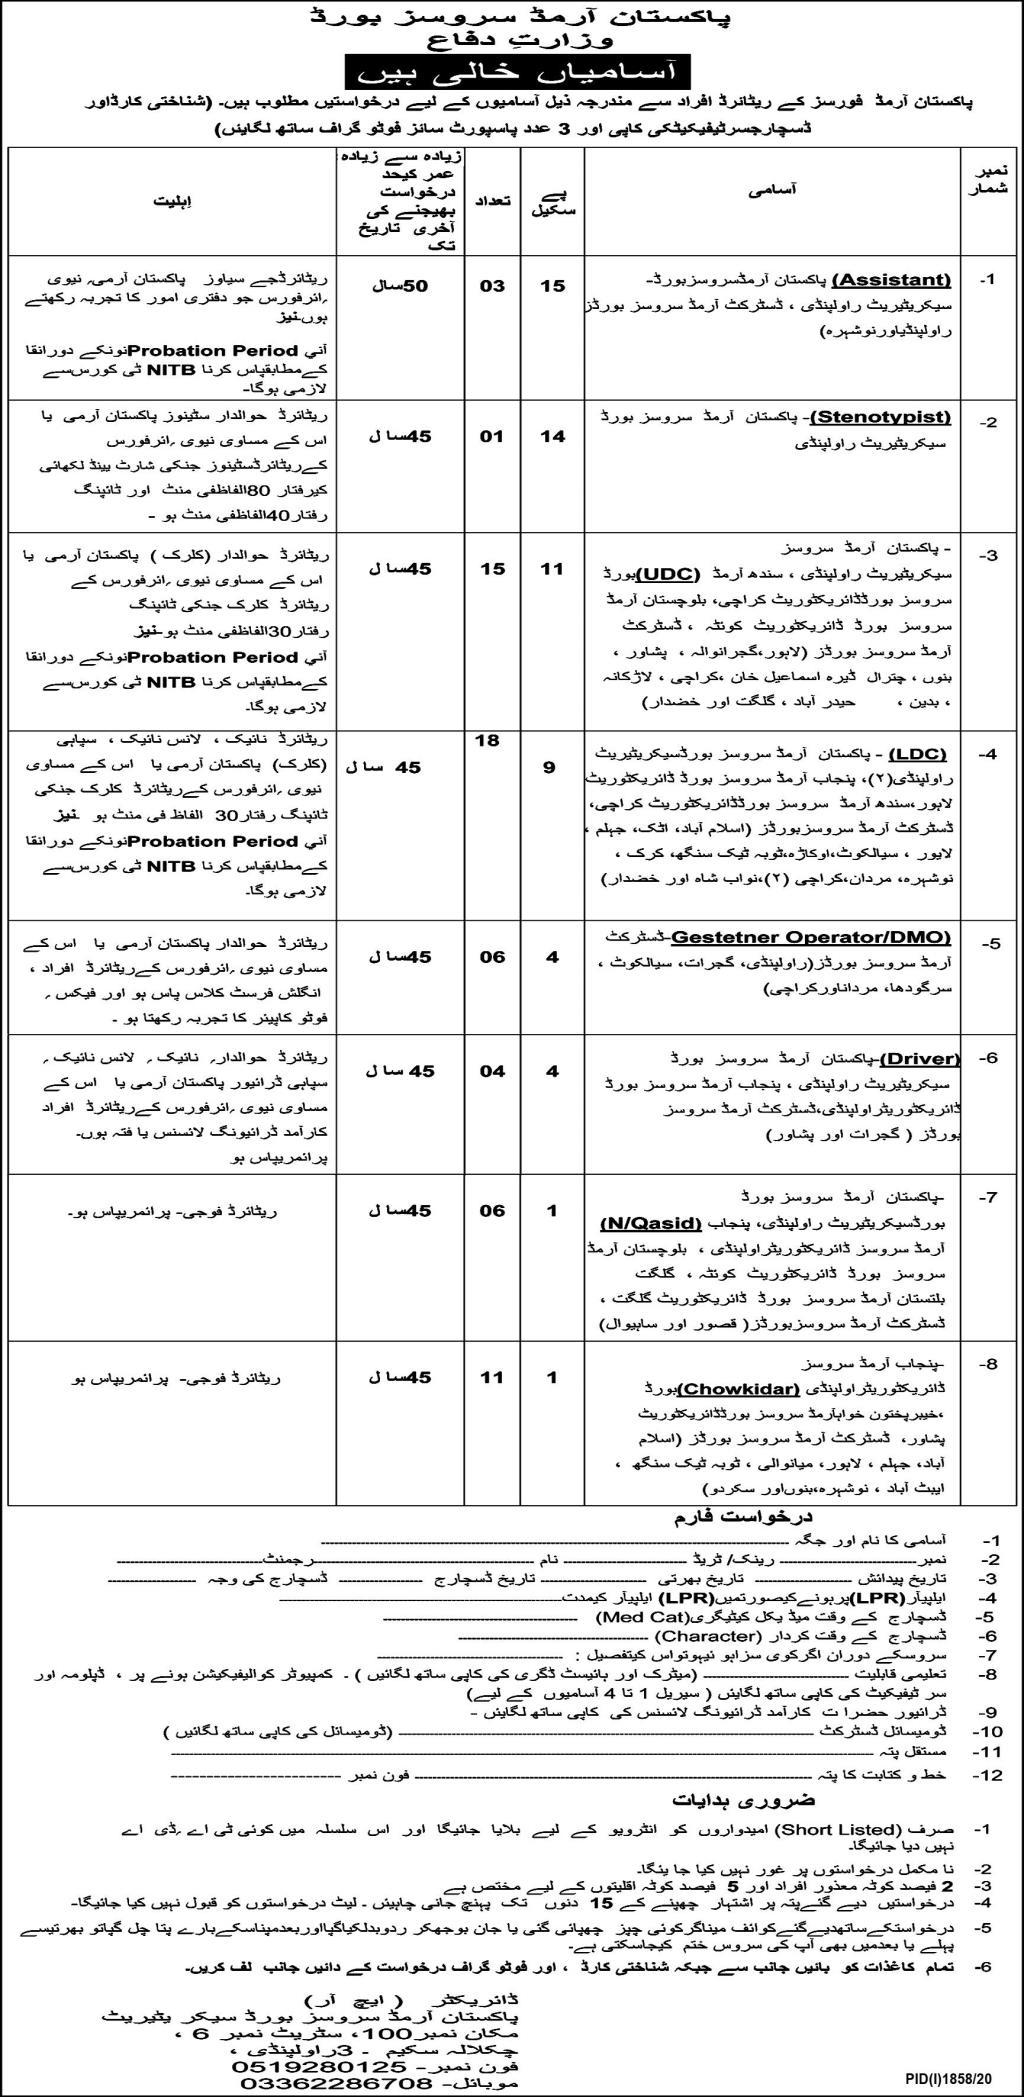 Pakistan Armed Service Board Jobs 2020